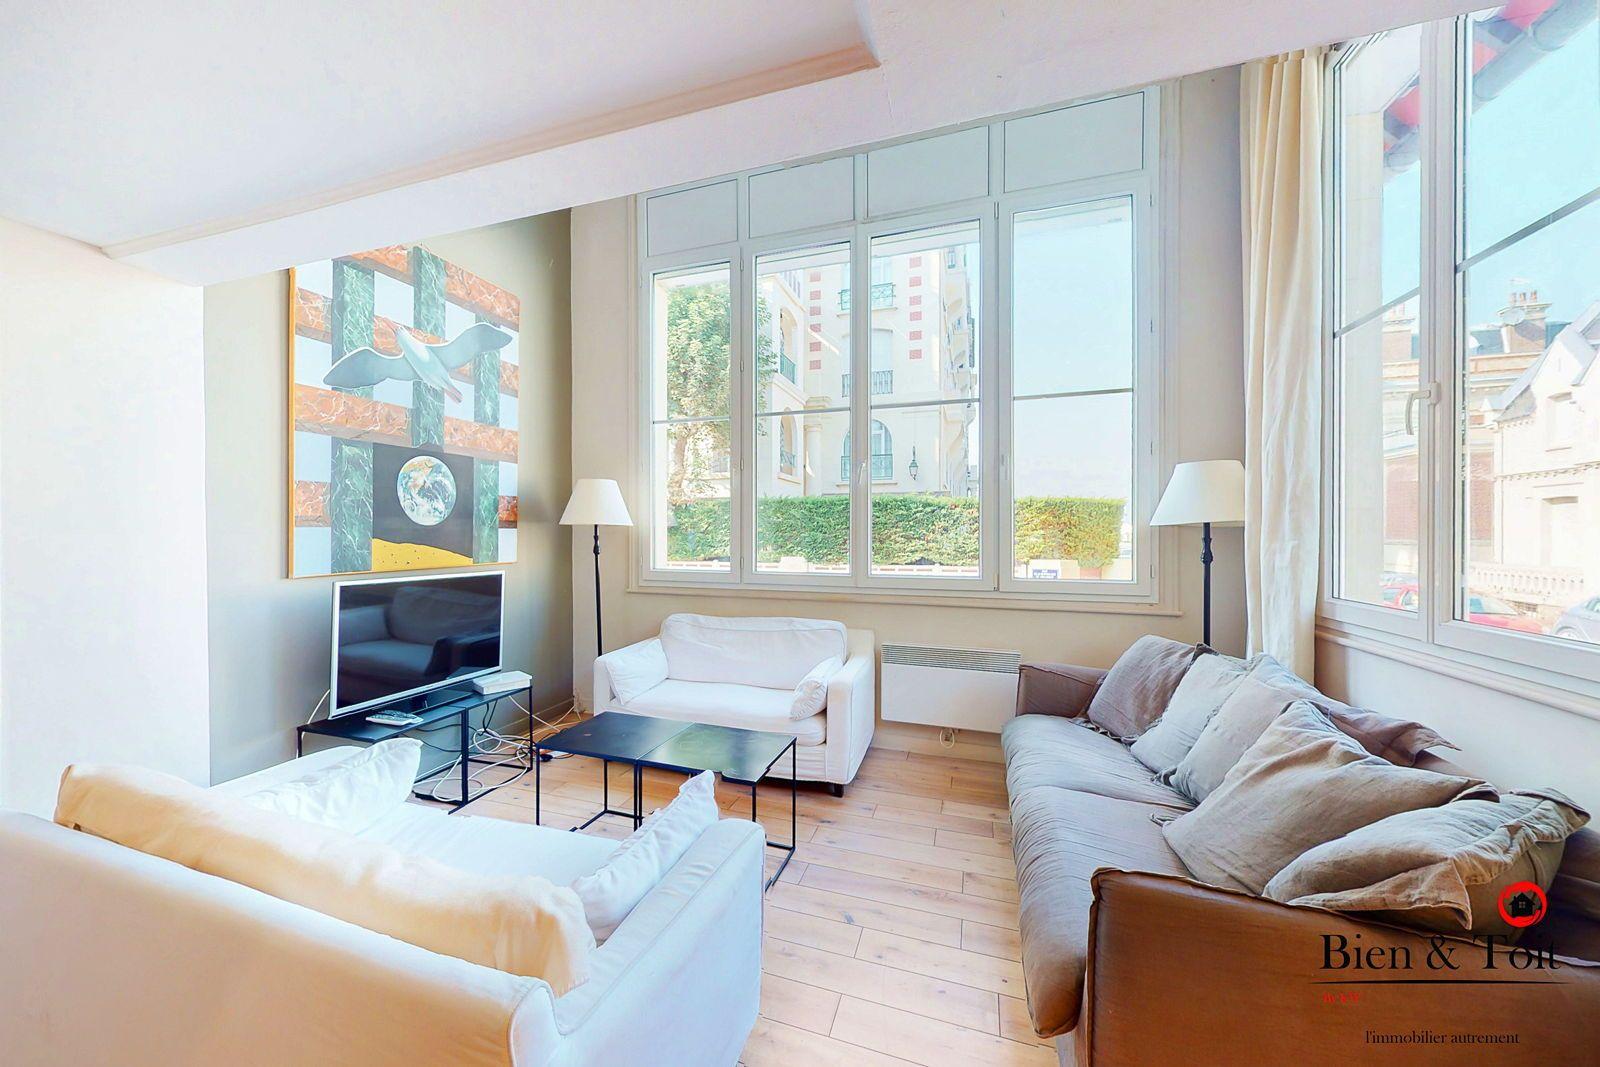 Vends Appartement Triplex Deauville (14) - 2-3chambres, 99m²